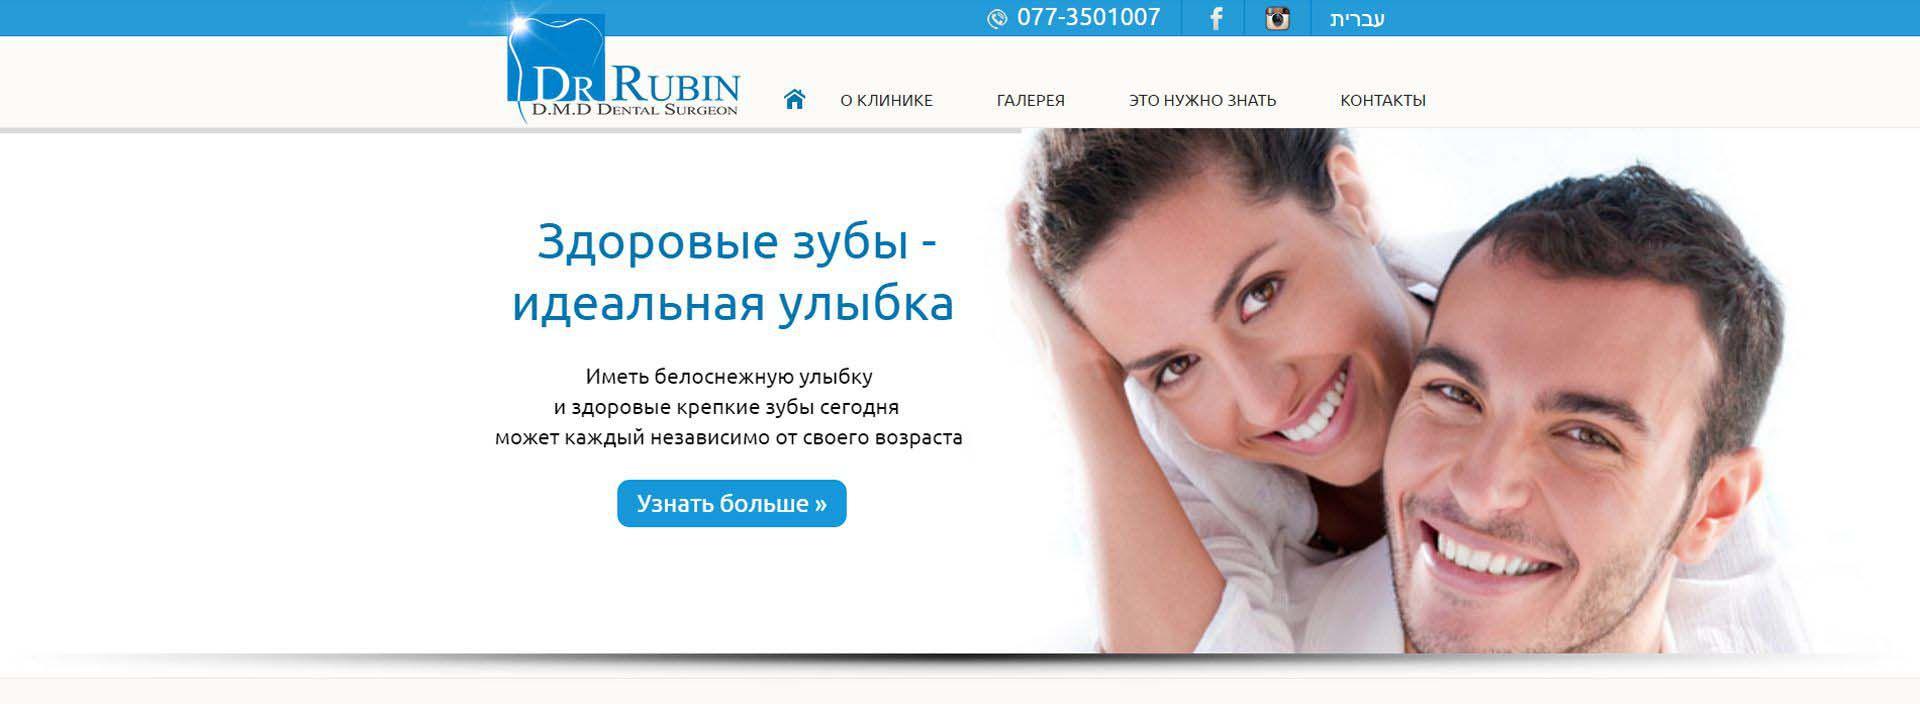 drrubin.co.il